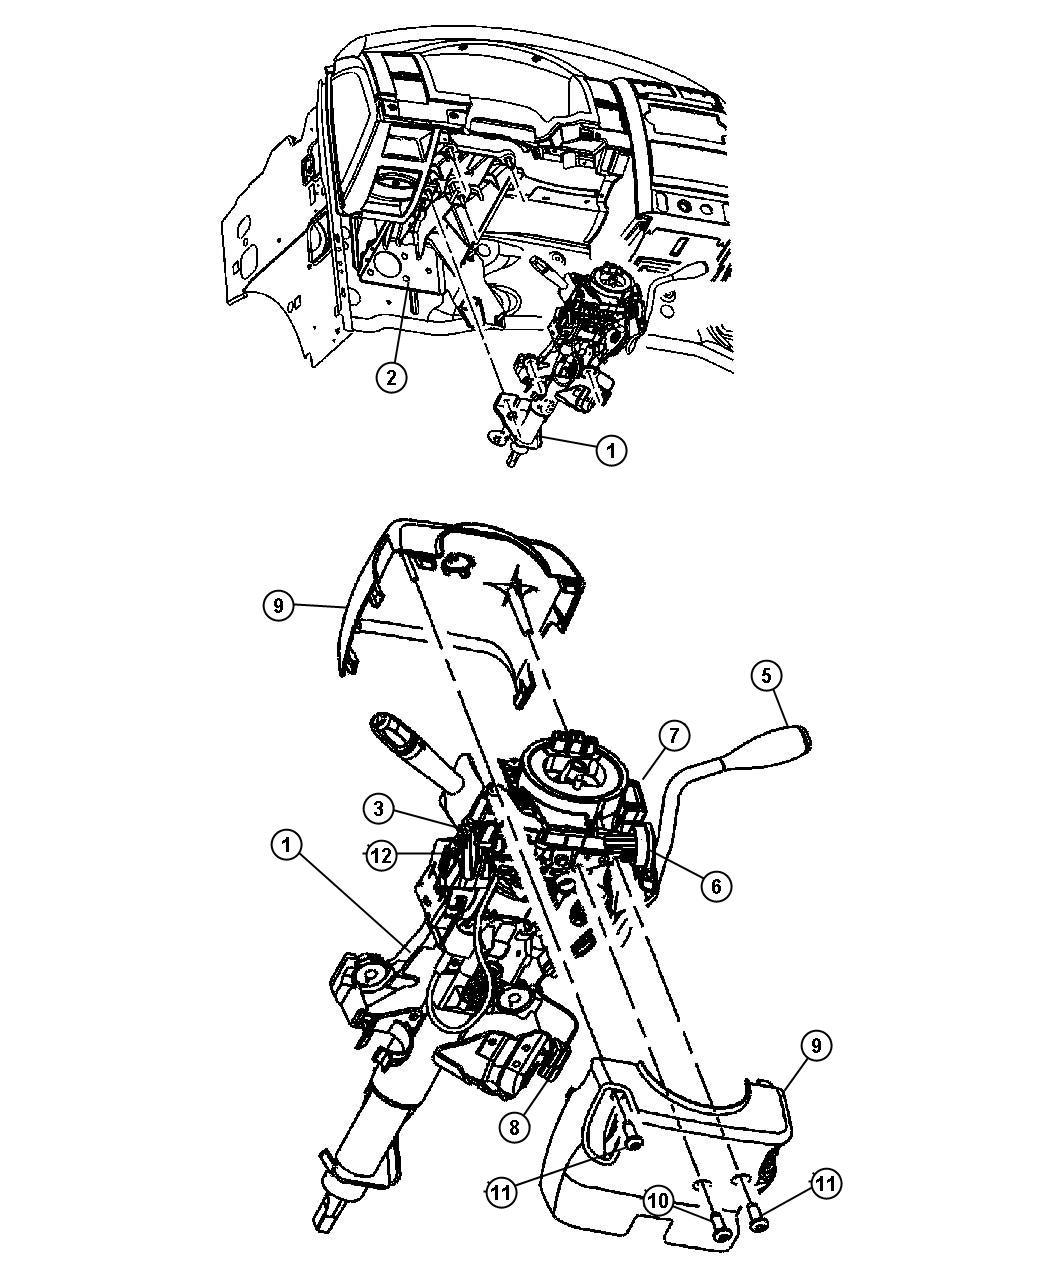 2007 chrysler aspen knob  tilt lever release   tilt steering column   after 04  03  06